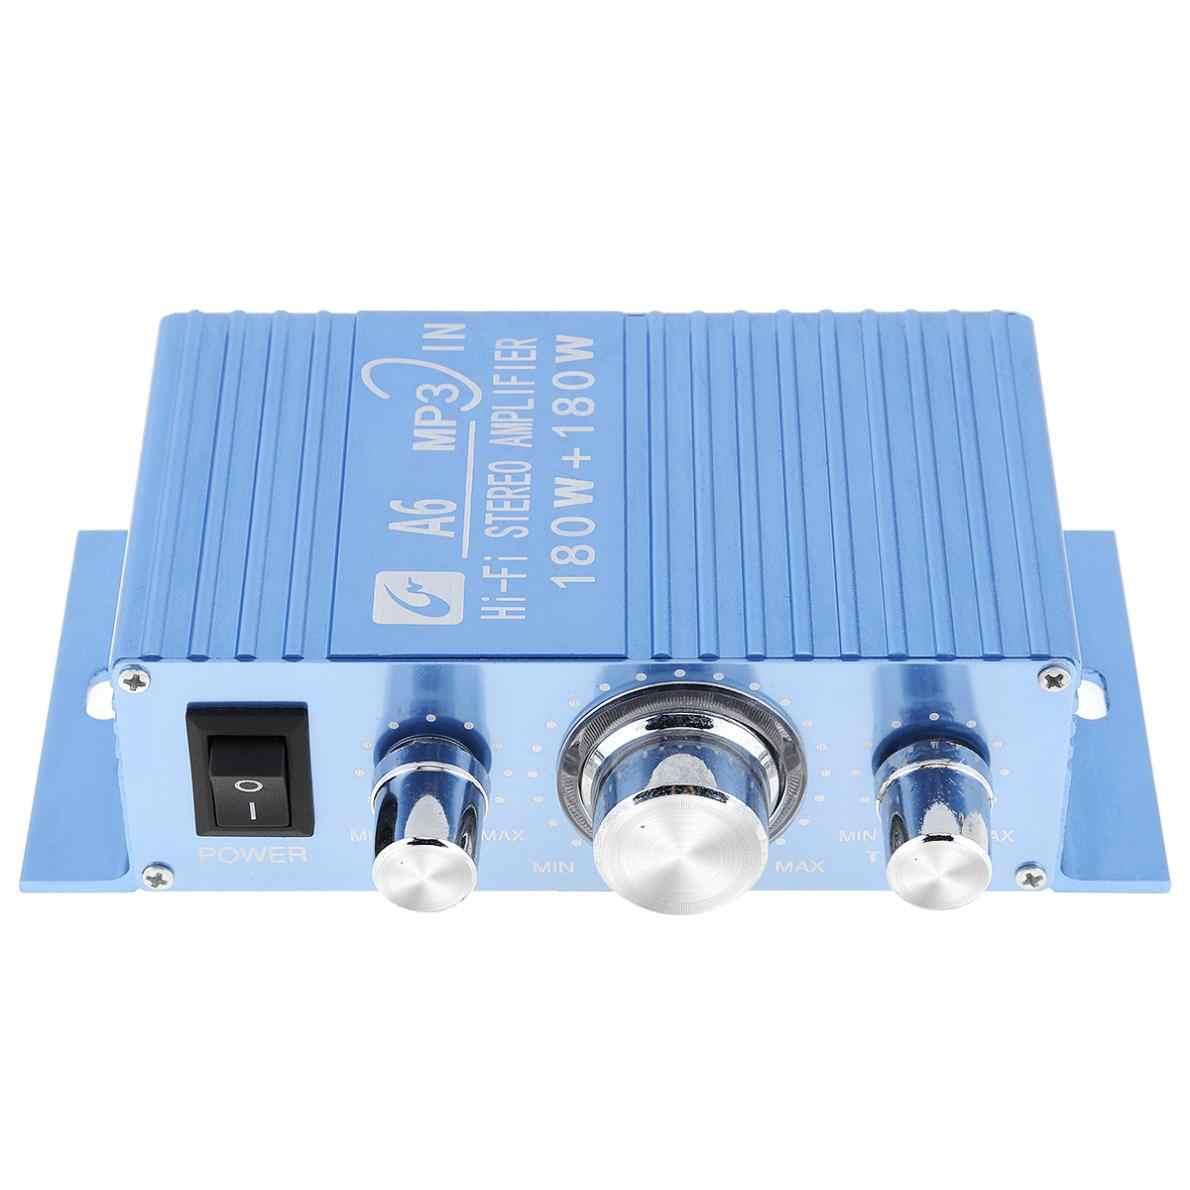 A6 DC12V 2,0 два канала MP3 в Hi-Fi стерео усилитель с 3.5AUX Интерфейс для Car/PC/колонки/CD/мотоциклетные/сабвуфер